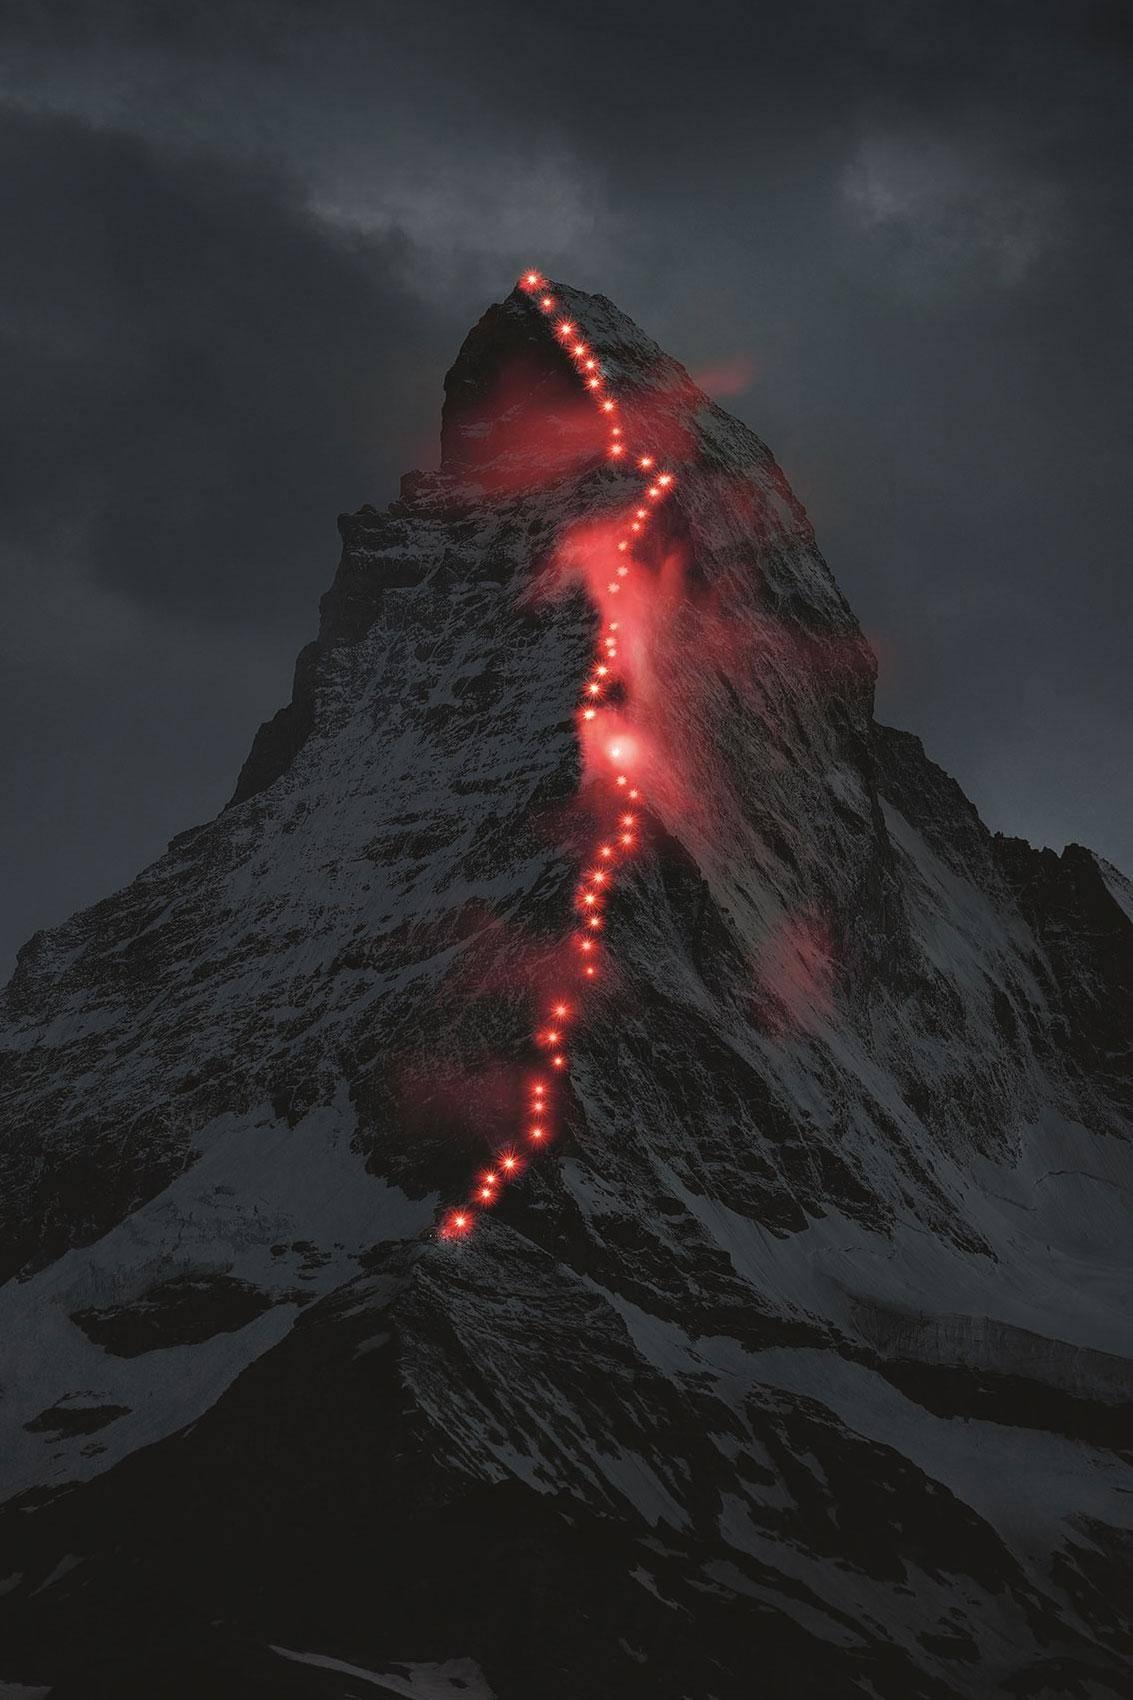 مصابيح تضيء مسار الصعود الأول على جبل ماترهورن الشهير ، في زيرمات ، سويسرا ، في وقت متأخر من يوم الأربعاء 8 يوليو 2015.